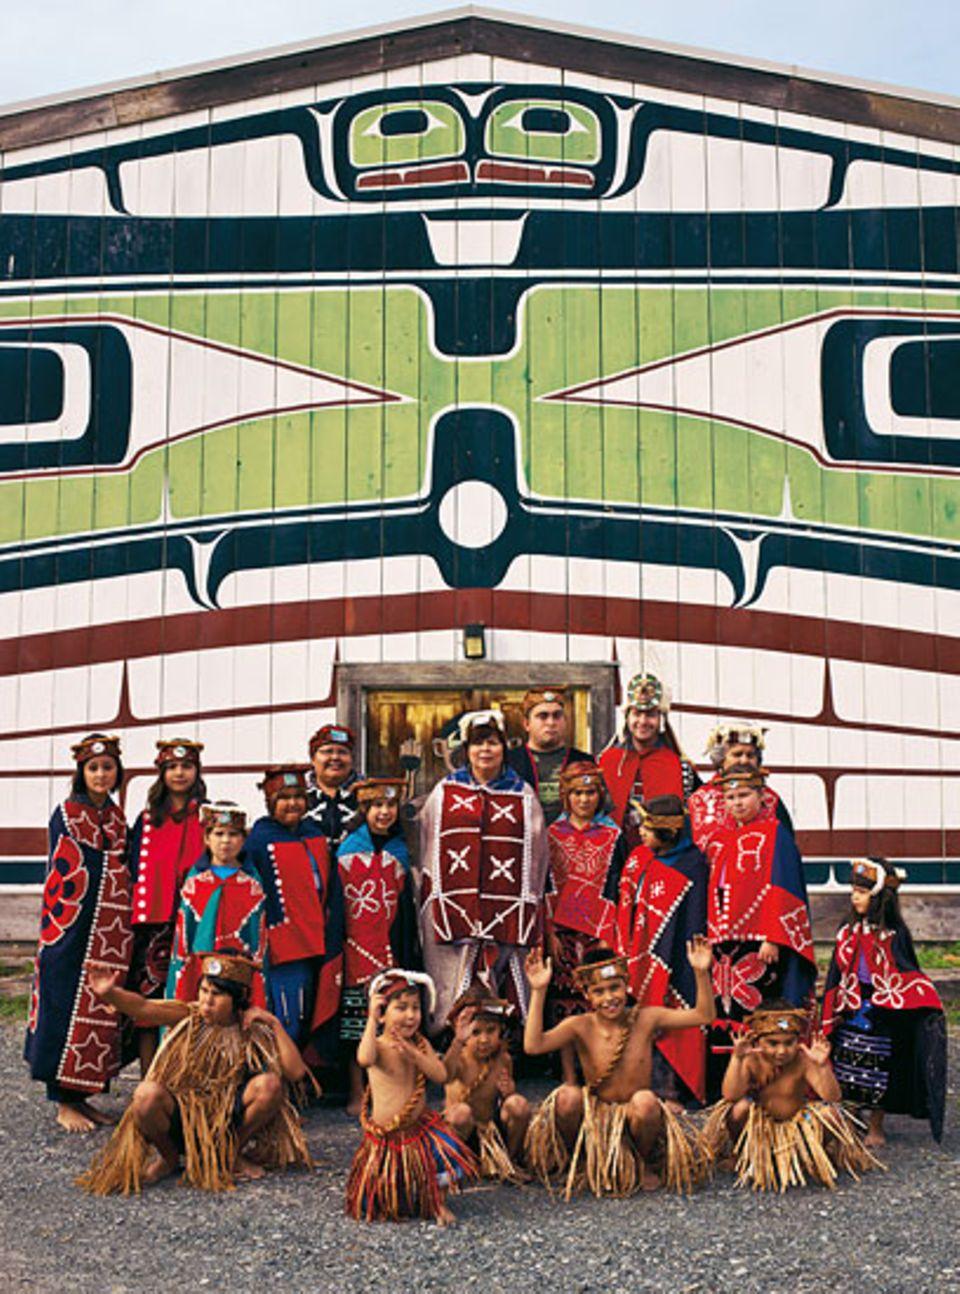 Eingebettet in Ozean und Wildnis: Nördlich von Vancouver leben die Indianerin Andrea Cranmer (Mitte) und ihre Tanzgruppe im Reservat Alert Bay